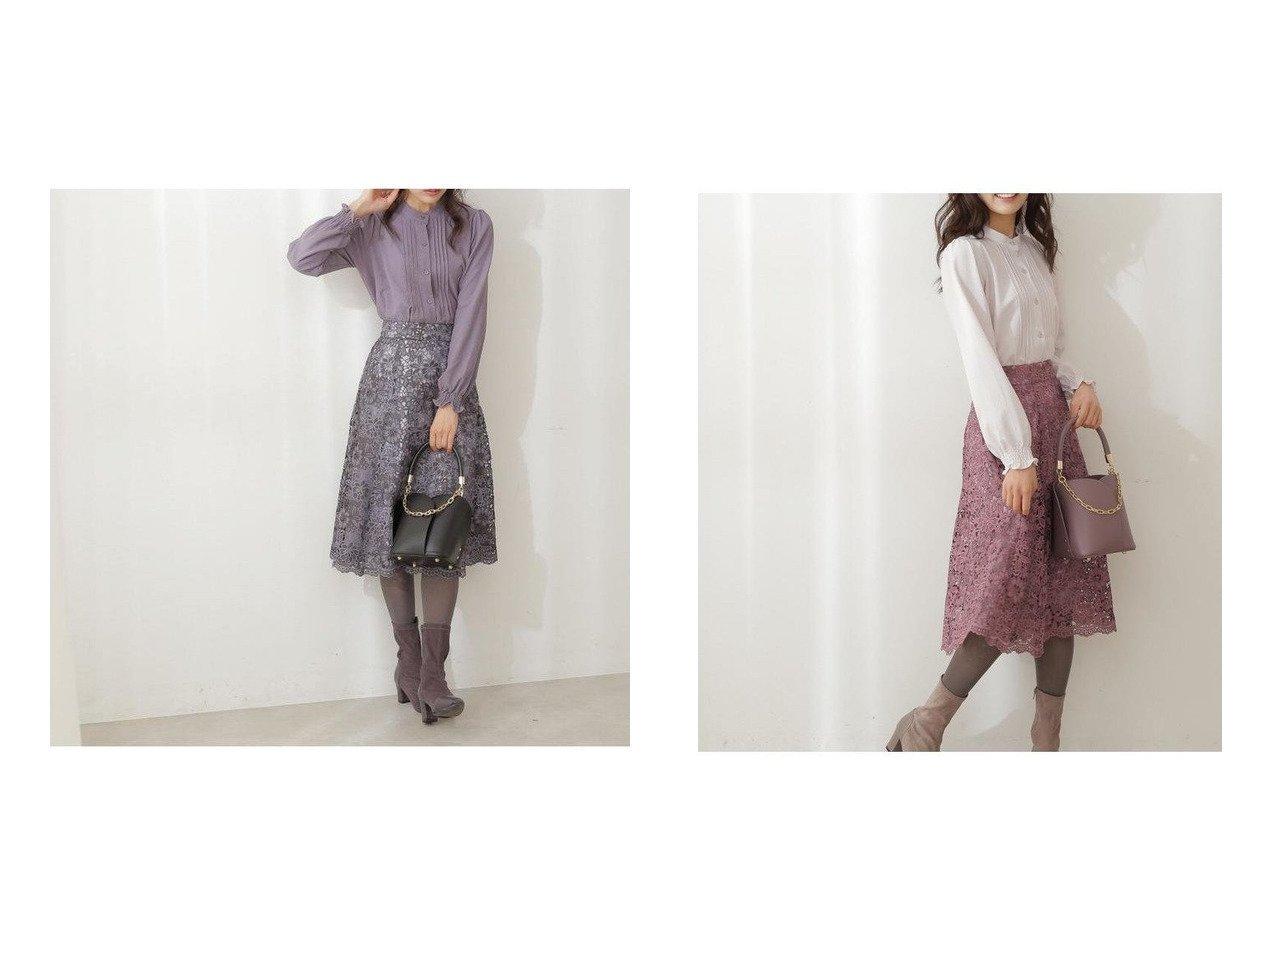 【PROPORTION BODY DRESSING/プロポーション ボディドレッシング】のツートーンケミカルレースフレアスカート 【スカート】おすすめ!人気、トレンド・レディースファッションの通販 おすすめで人気の流行・トレンド、ファッションの通販商品 インテリア・家具・メンズファッション・キッズファッション・レディースファッション・服の通販 founy(ファニー) https://founy.com/ ファッション Fashion レディースファッション WOMEN スカート Skirt Aライン/フレアスカート Flared A-Line Skirts ショート フェミニン フレア ワーク 再入荷 Restock/Back in Stock/Re Arrival 秋 Autumn/Fall  ID:crp329100000071807